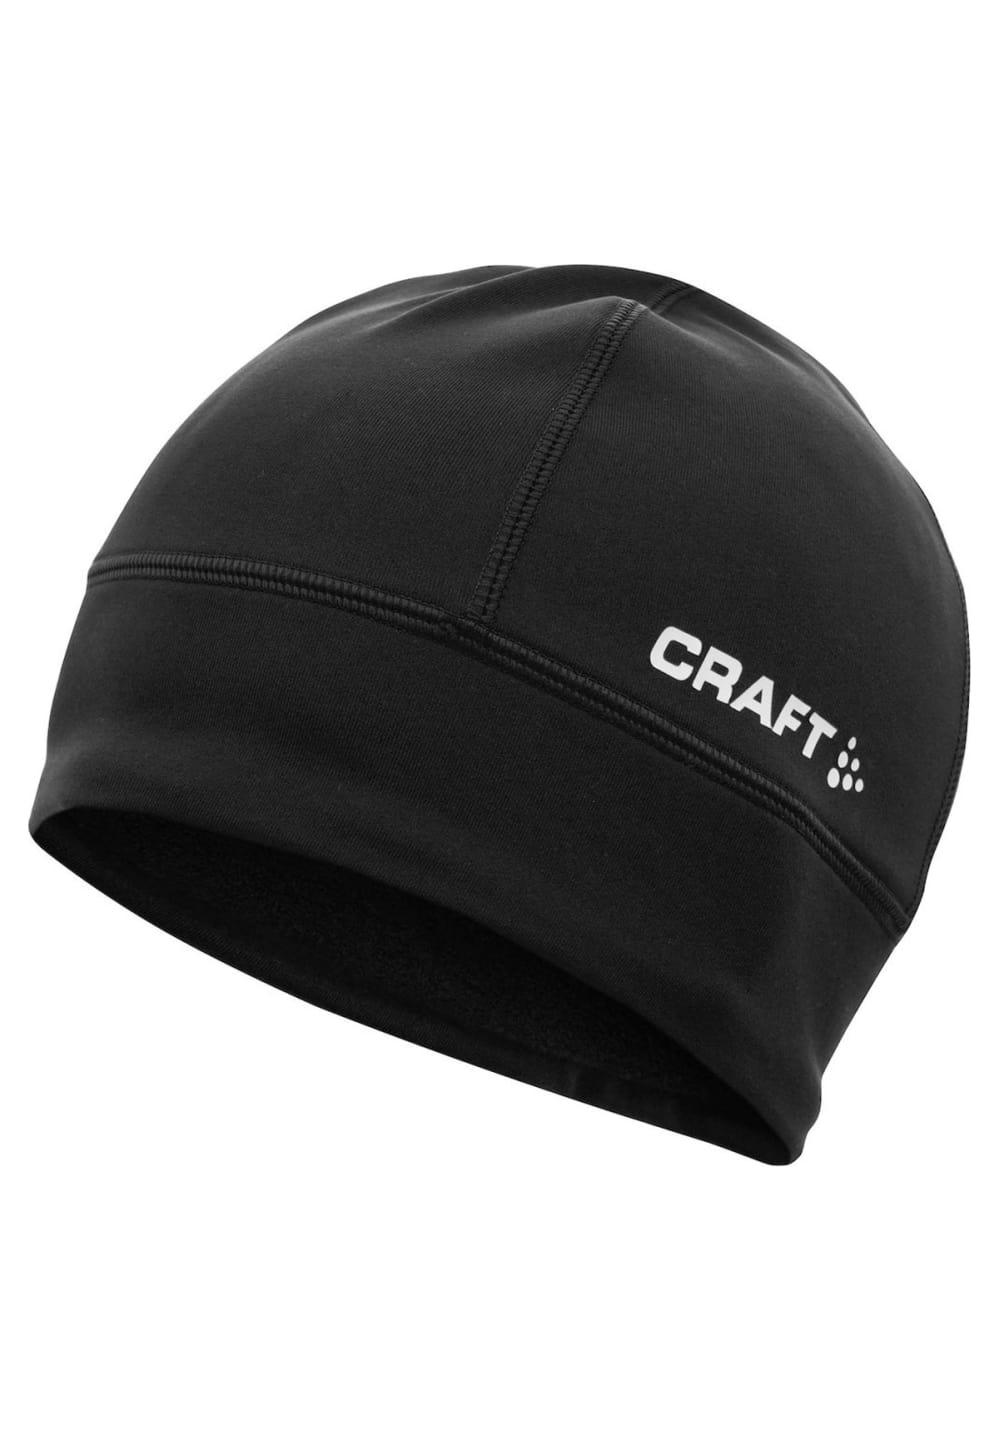 Craft Light Thermal Hat Kopfbedeckung - Schwarz, Gr. S/M